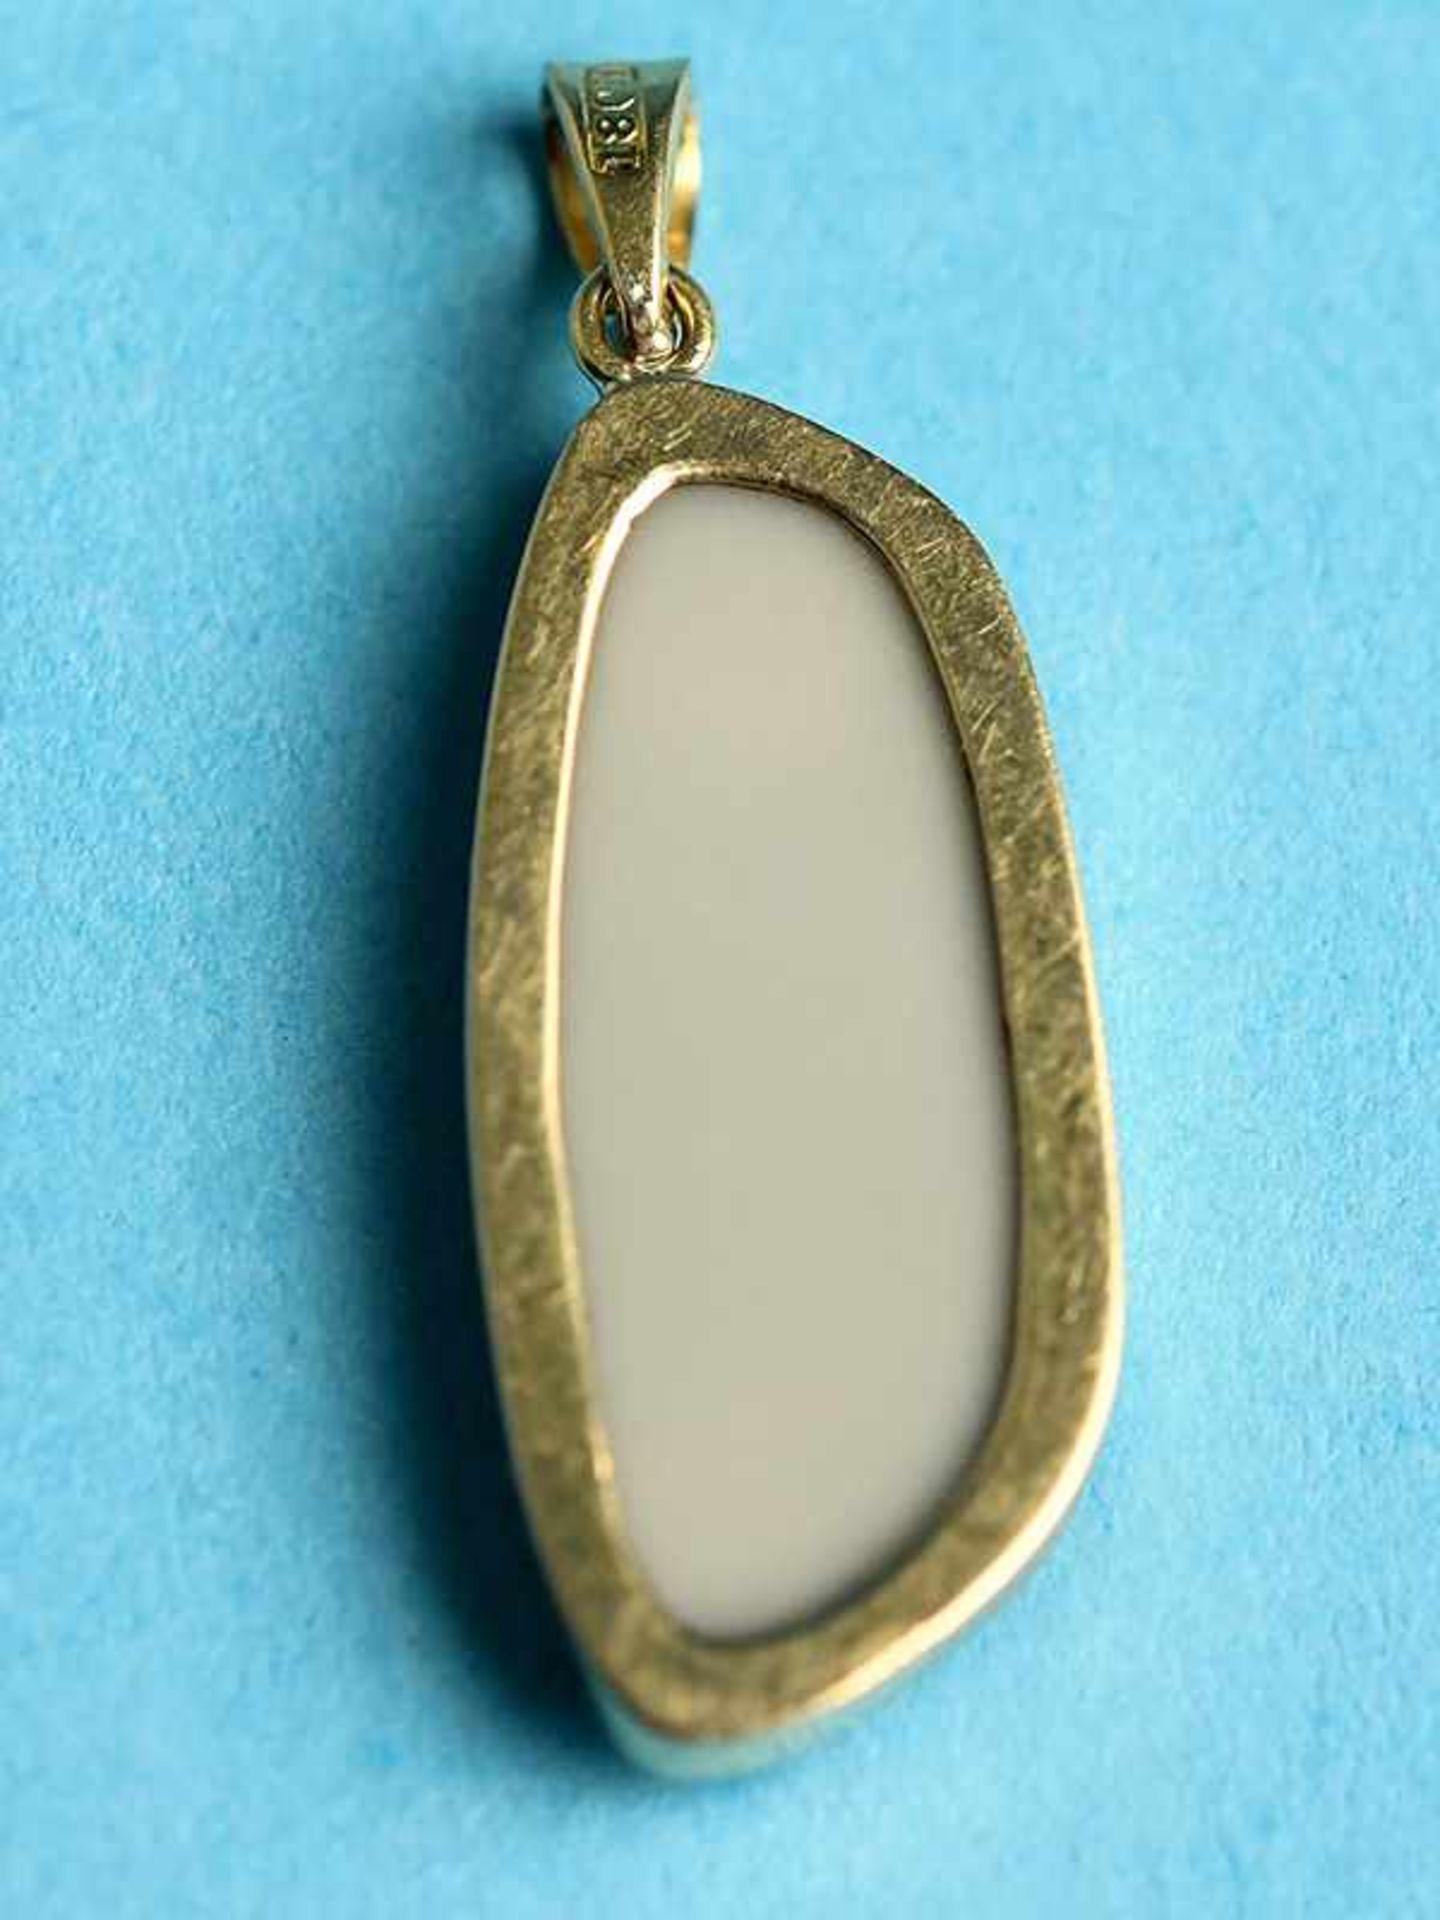 Anhänger mit Opal-Triblette, 20. Jh. 750/- Gelbgold (18ct). Gesamtgewicht ca. 4,1 g. Unregelmäßige - Bild 2 aus 4